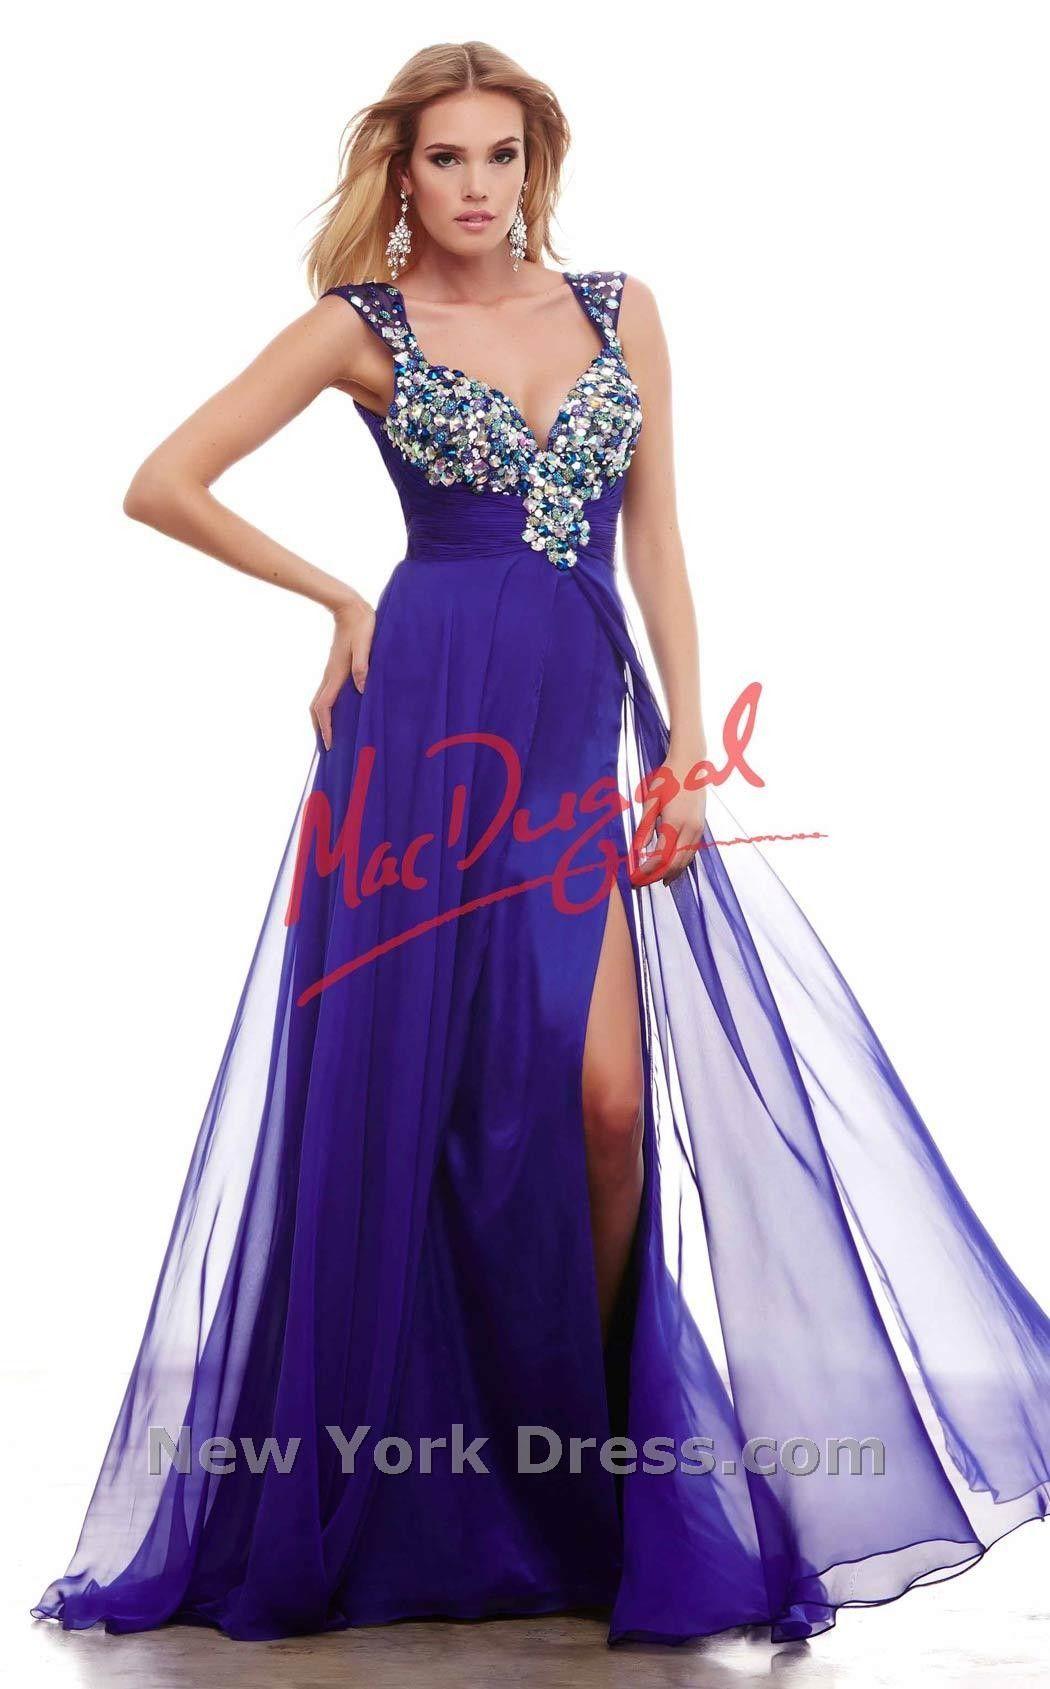 Encantador Vestidos De Dama En San Diego Imágenes - Vestido de Novia ...